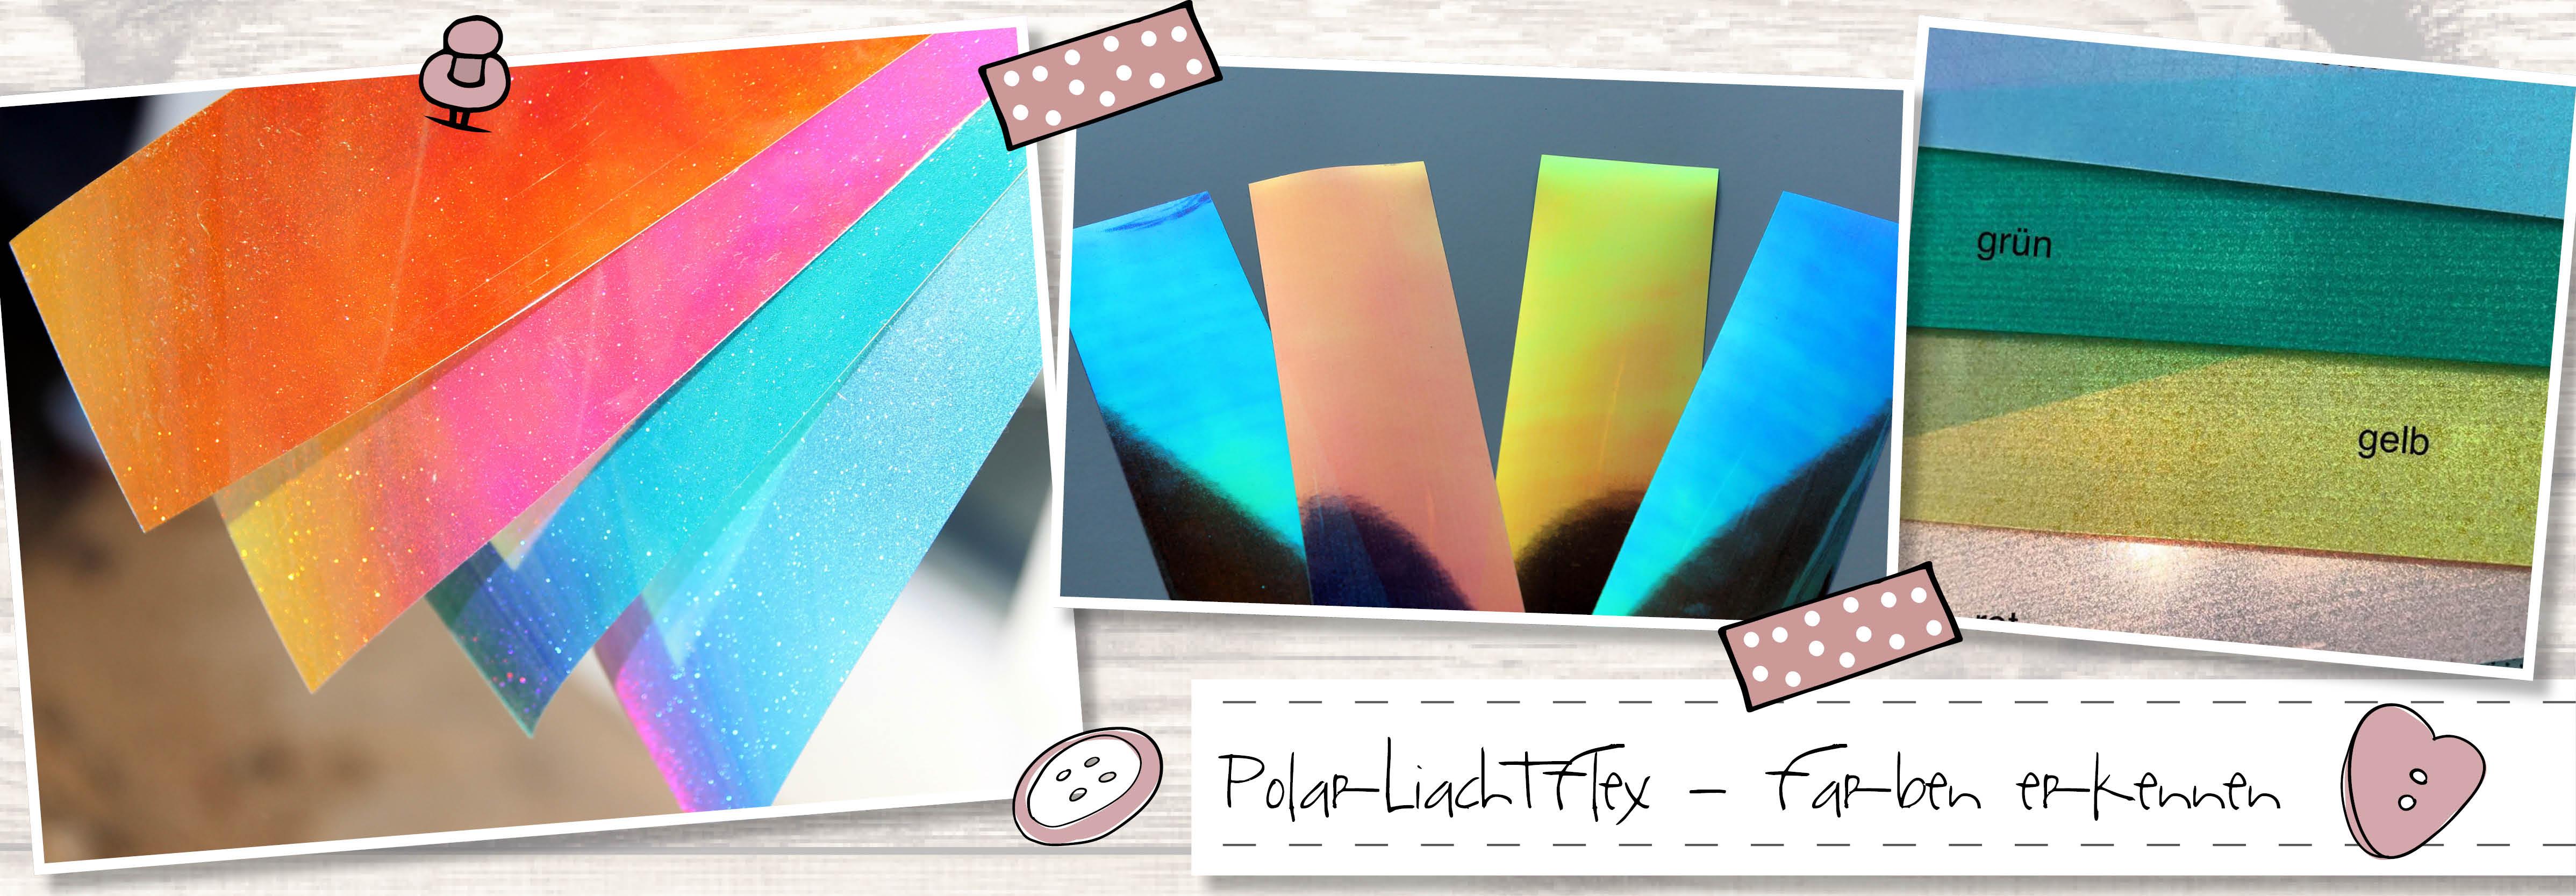 Headerbild_PolarLiachtFlex_Farben